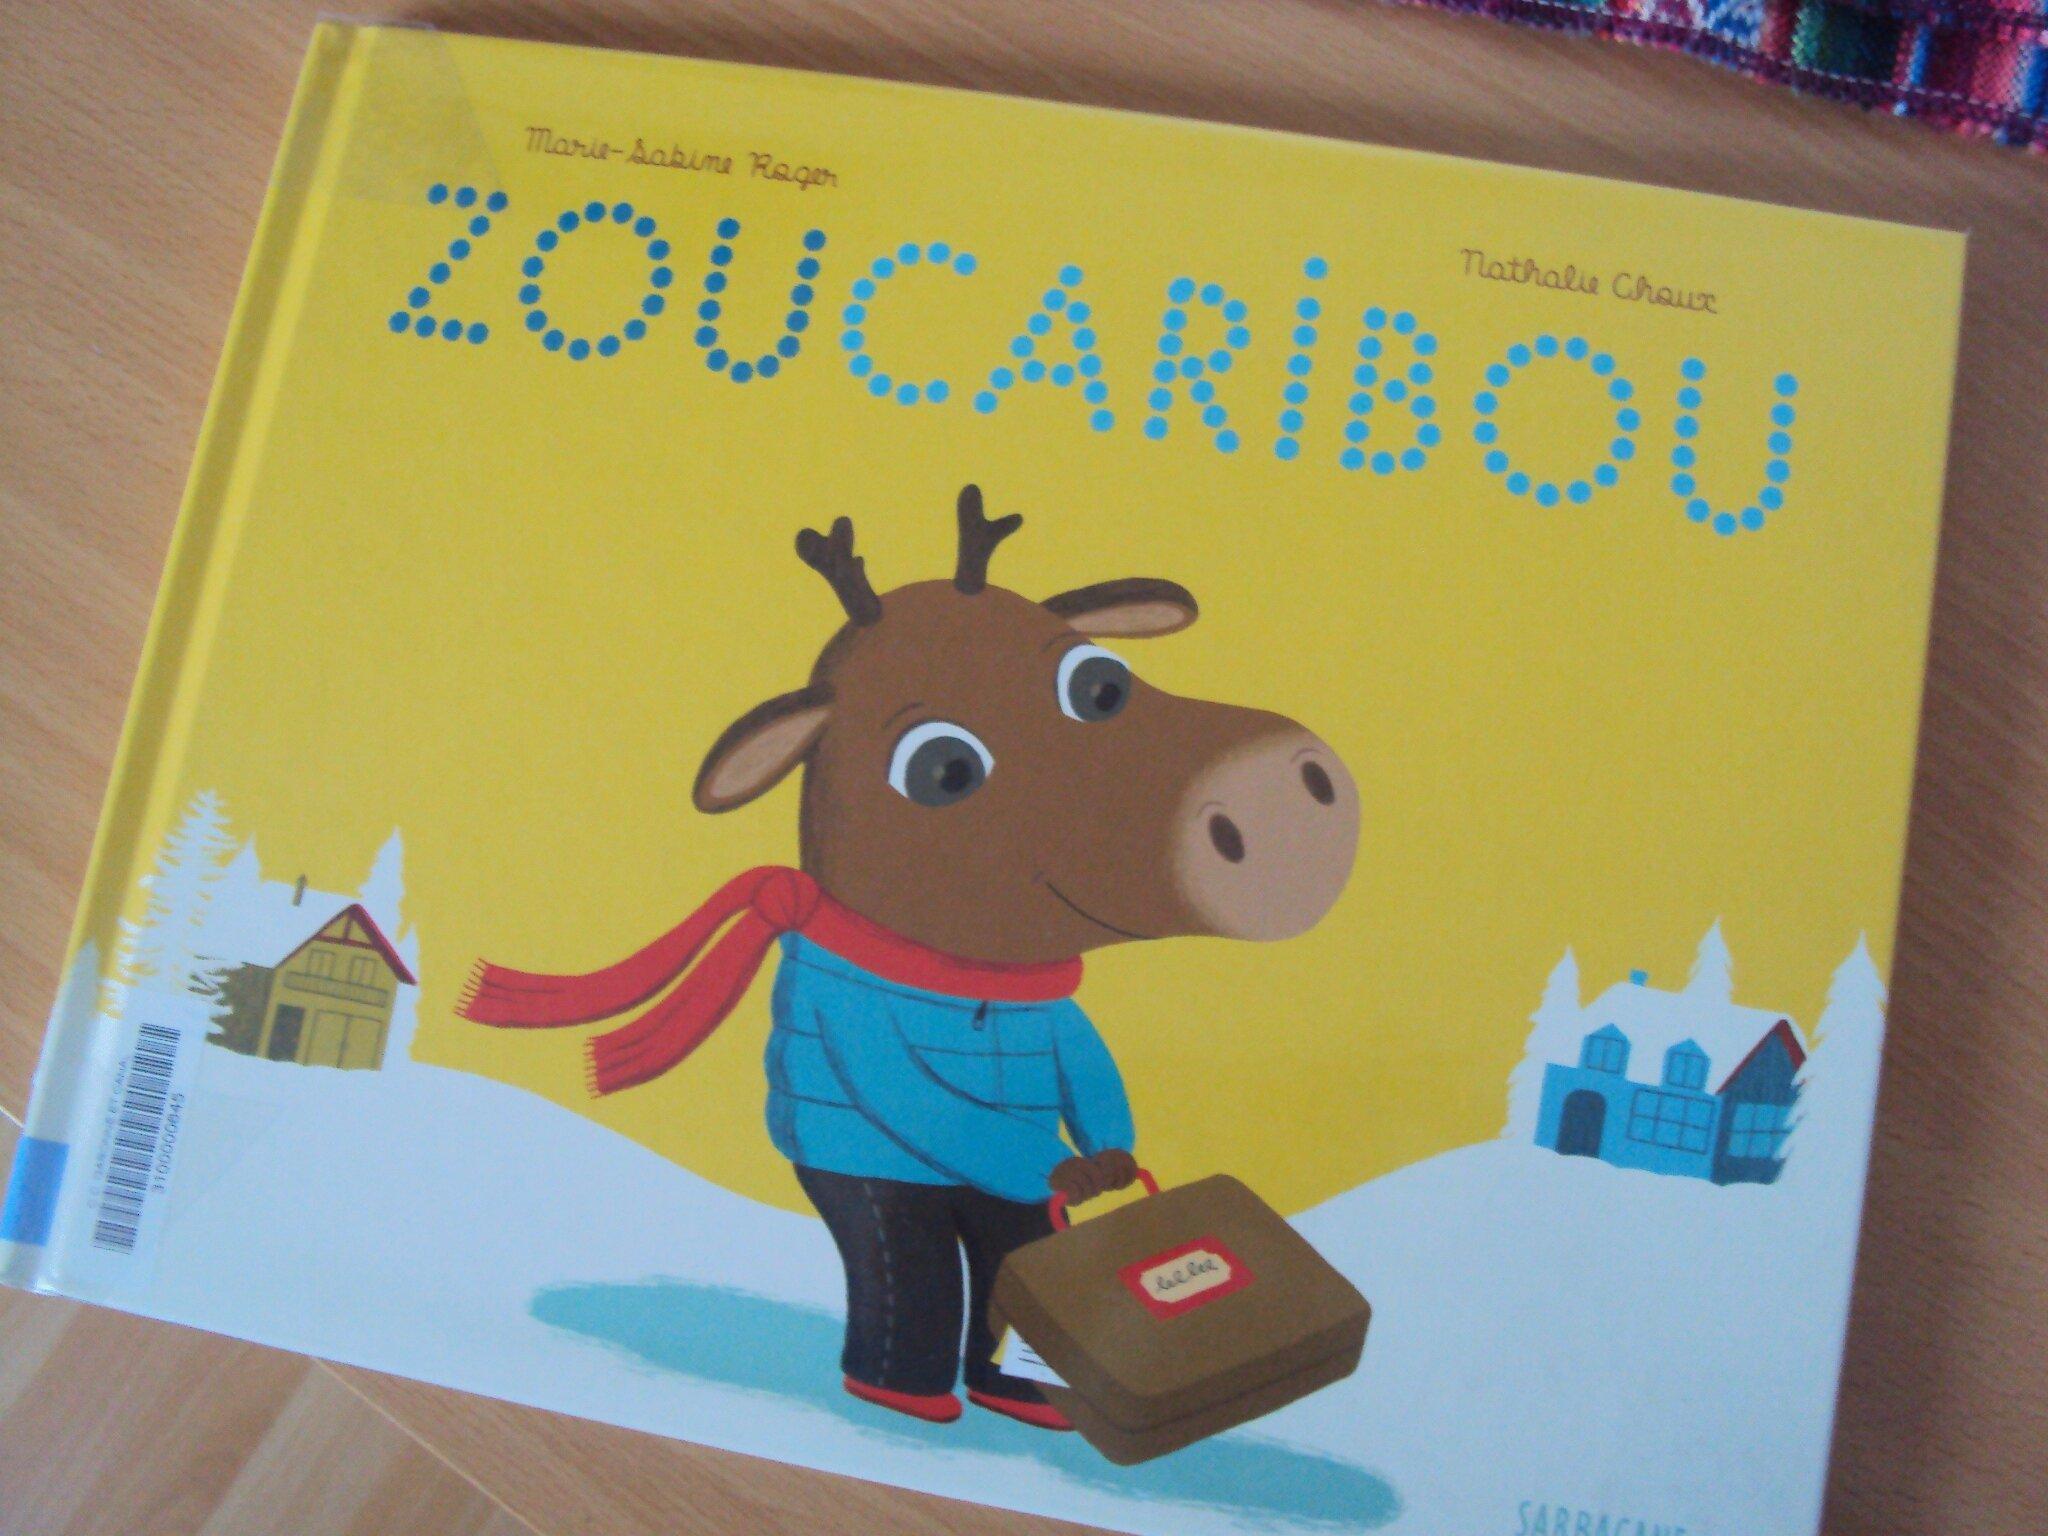 Zoucaribou de Marie-Sabine Roger (auteur) et Nathalie Choux (illustratrice), éditions Sarbacane